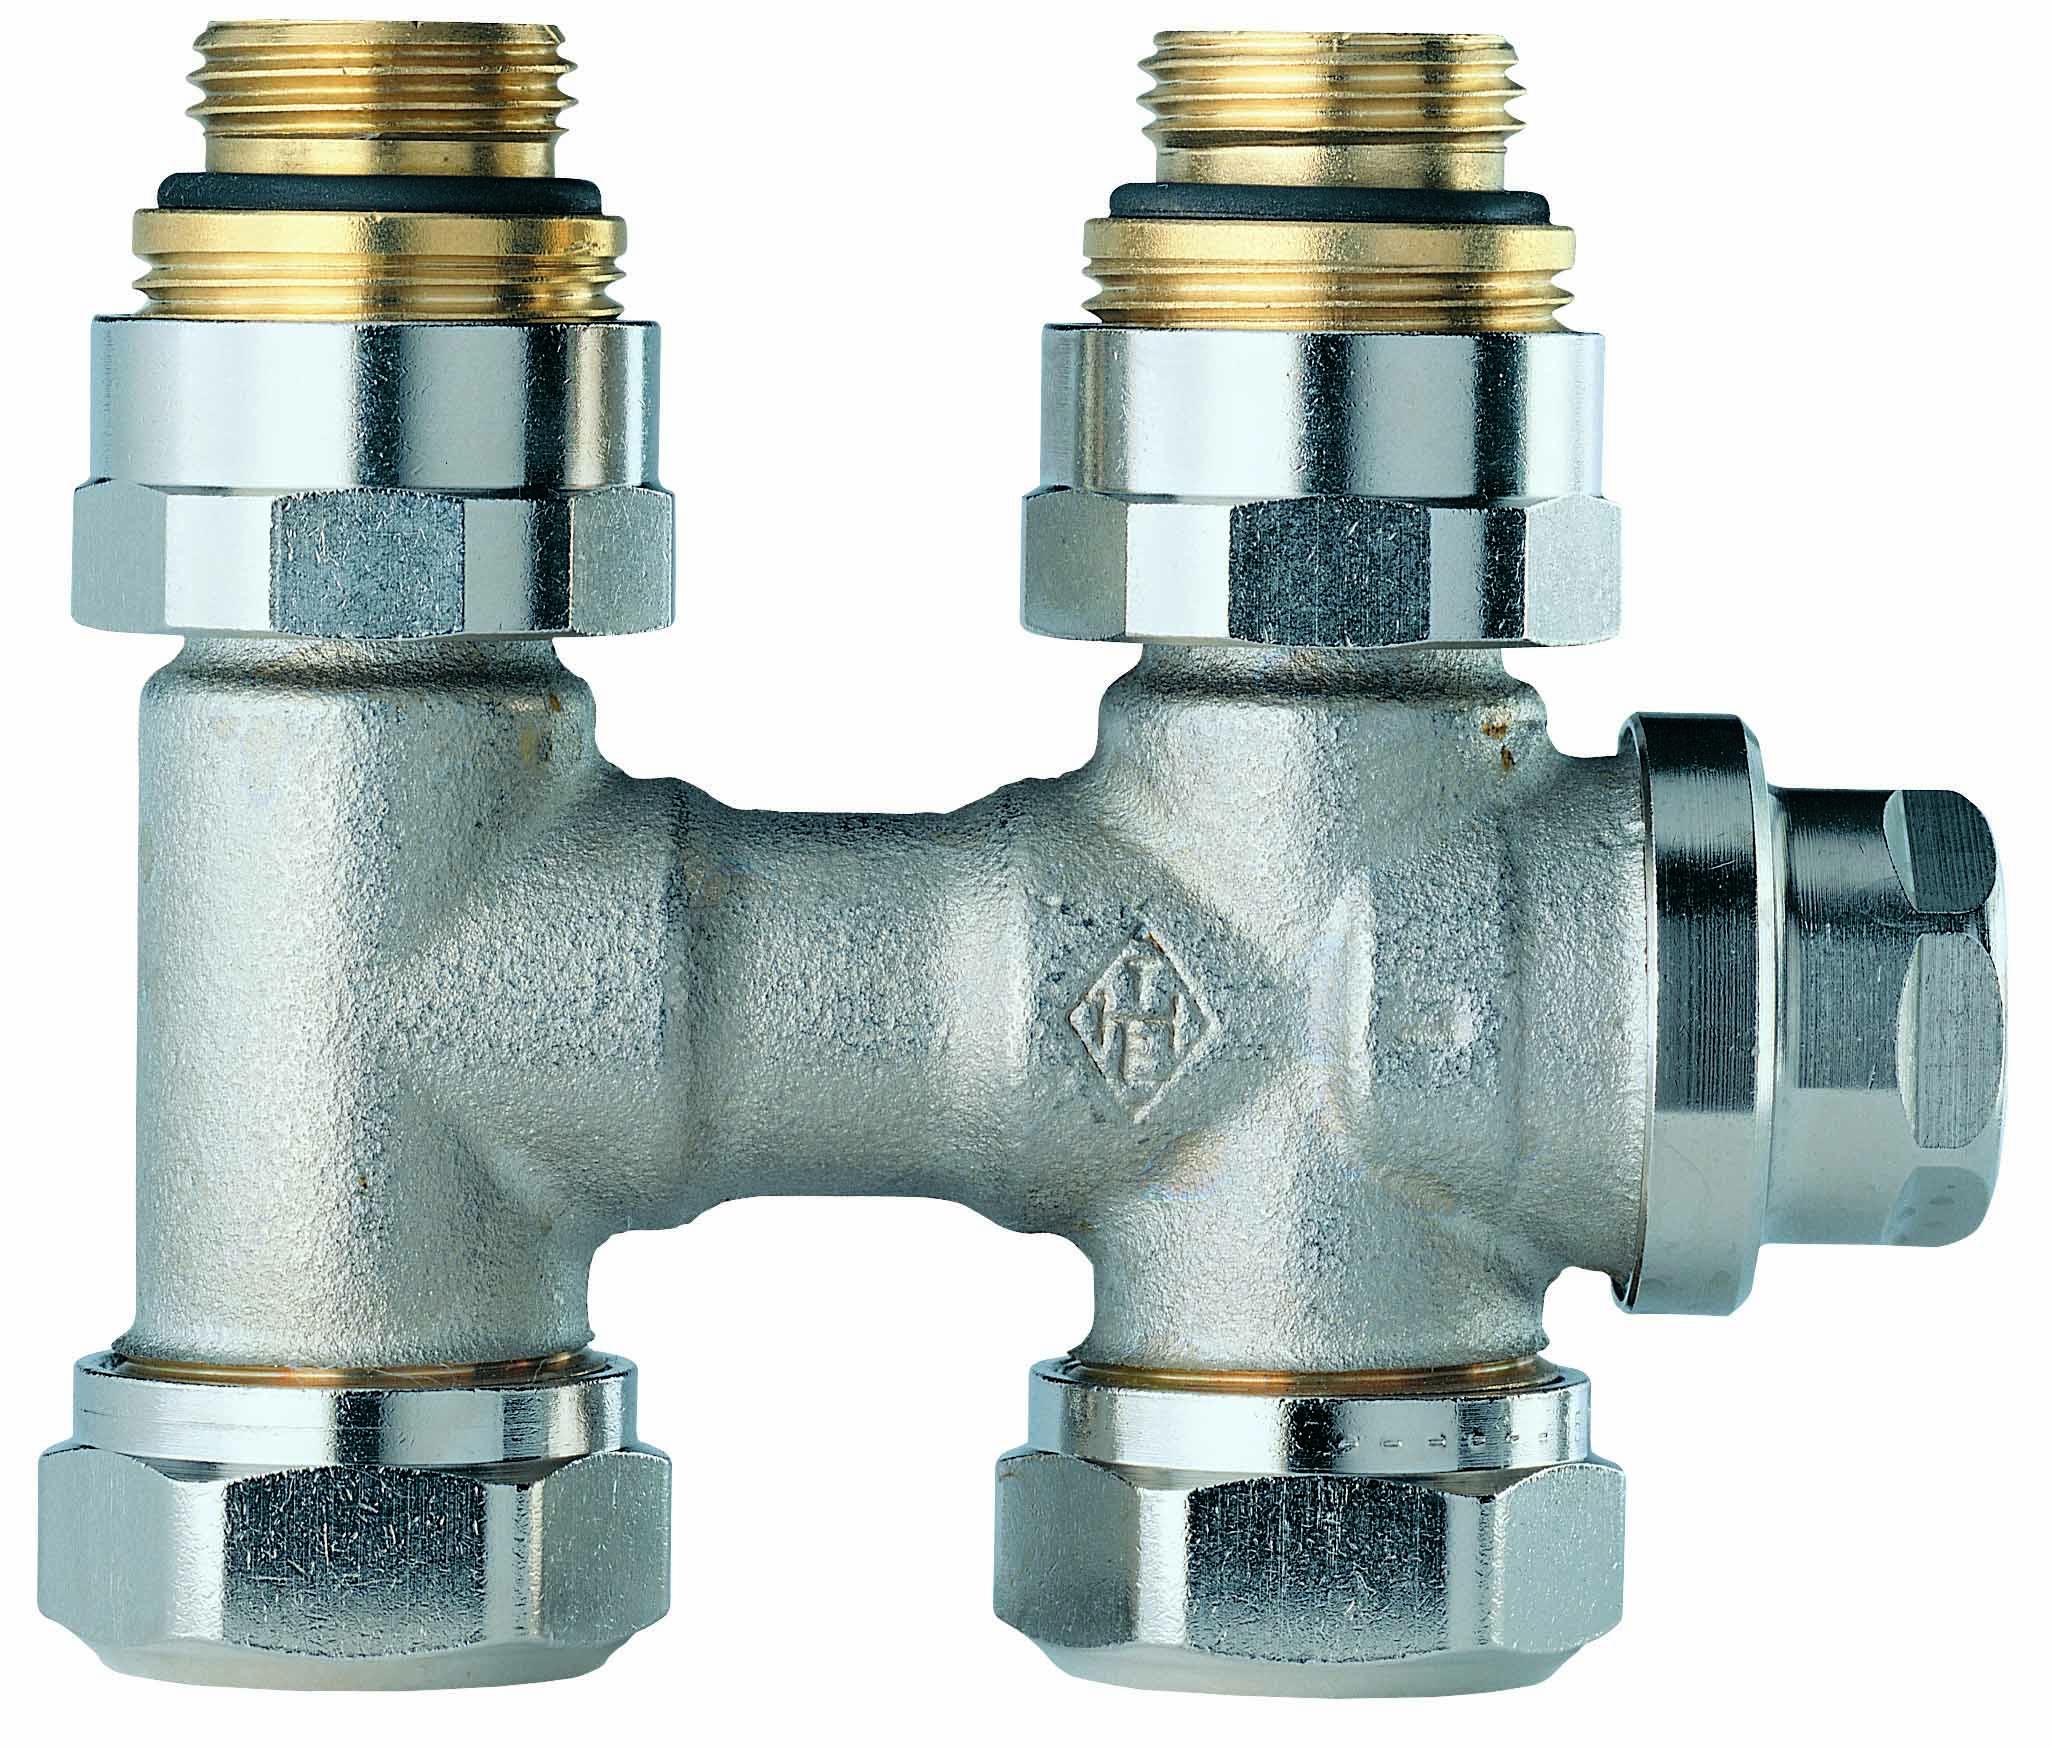 HEIMEIER Verschraubung Vekolux 2-Rohr, Durchgangsform, für VHK mit Rp 1/2 IG- STLB-Bau Mustervorlage -